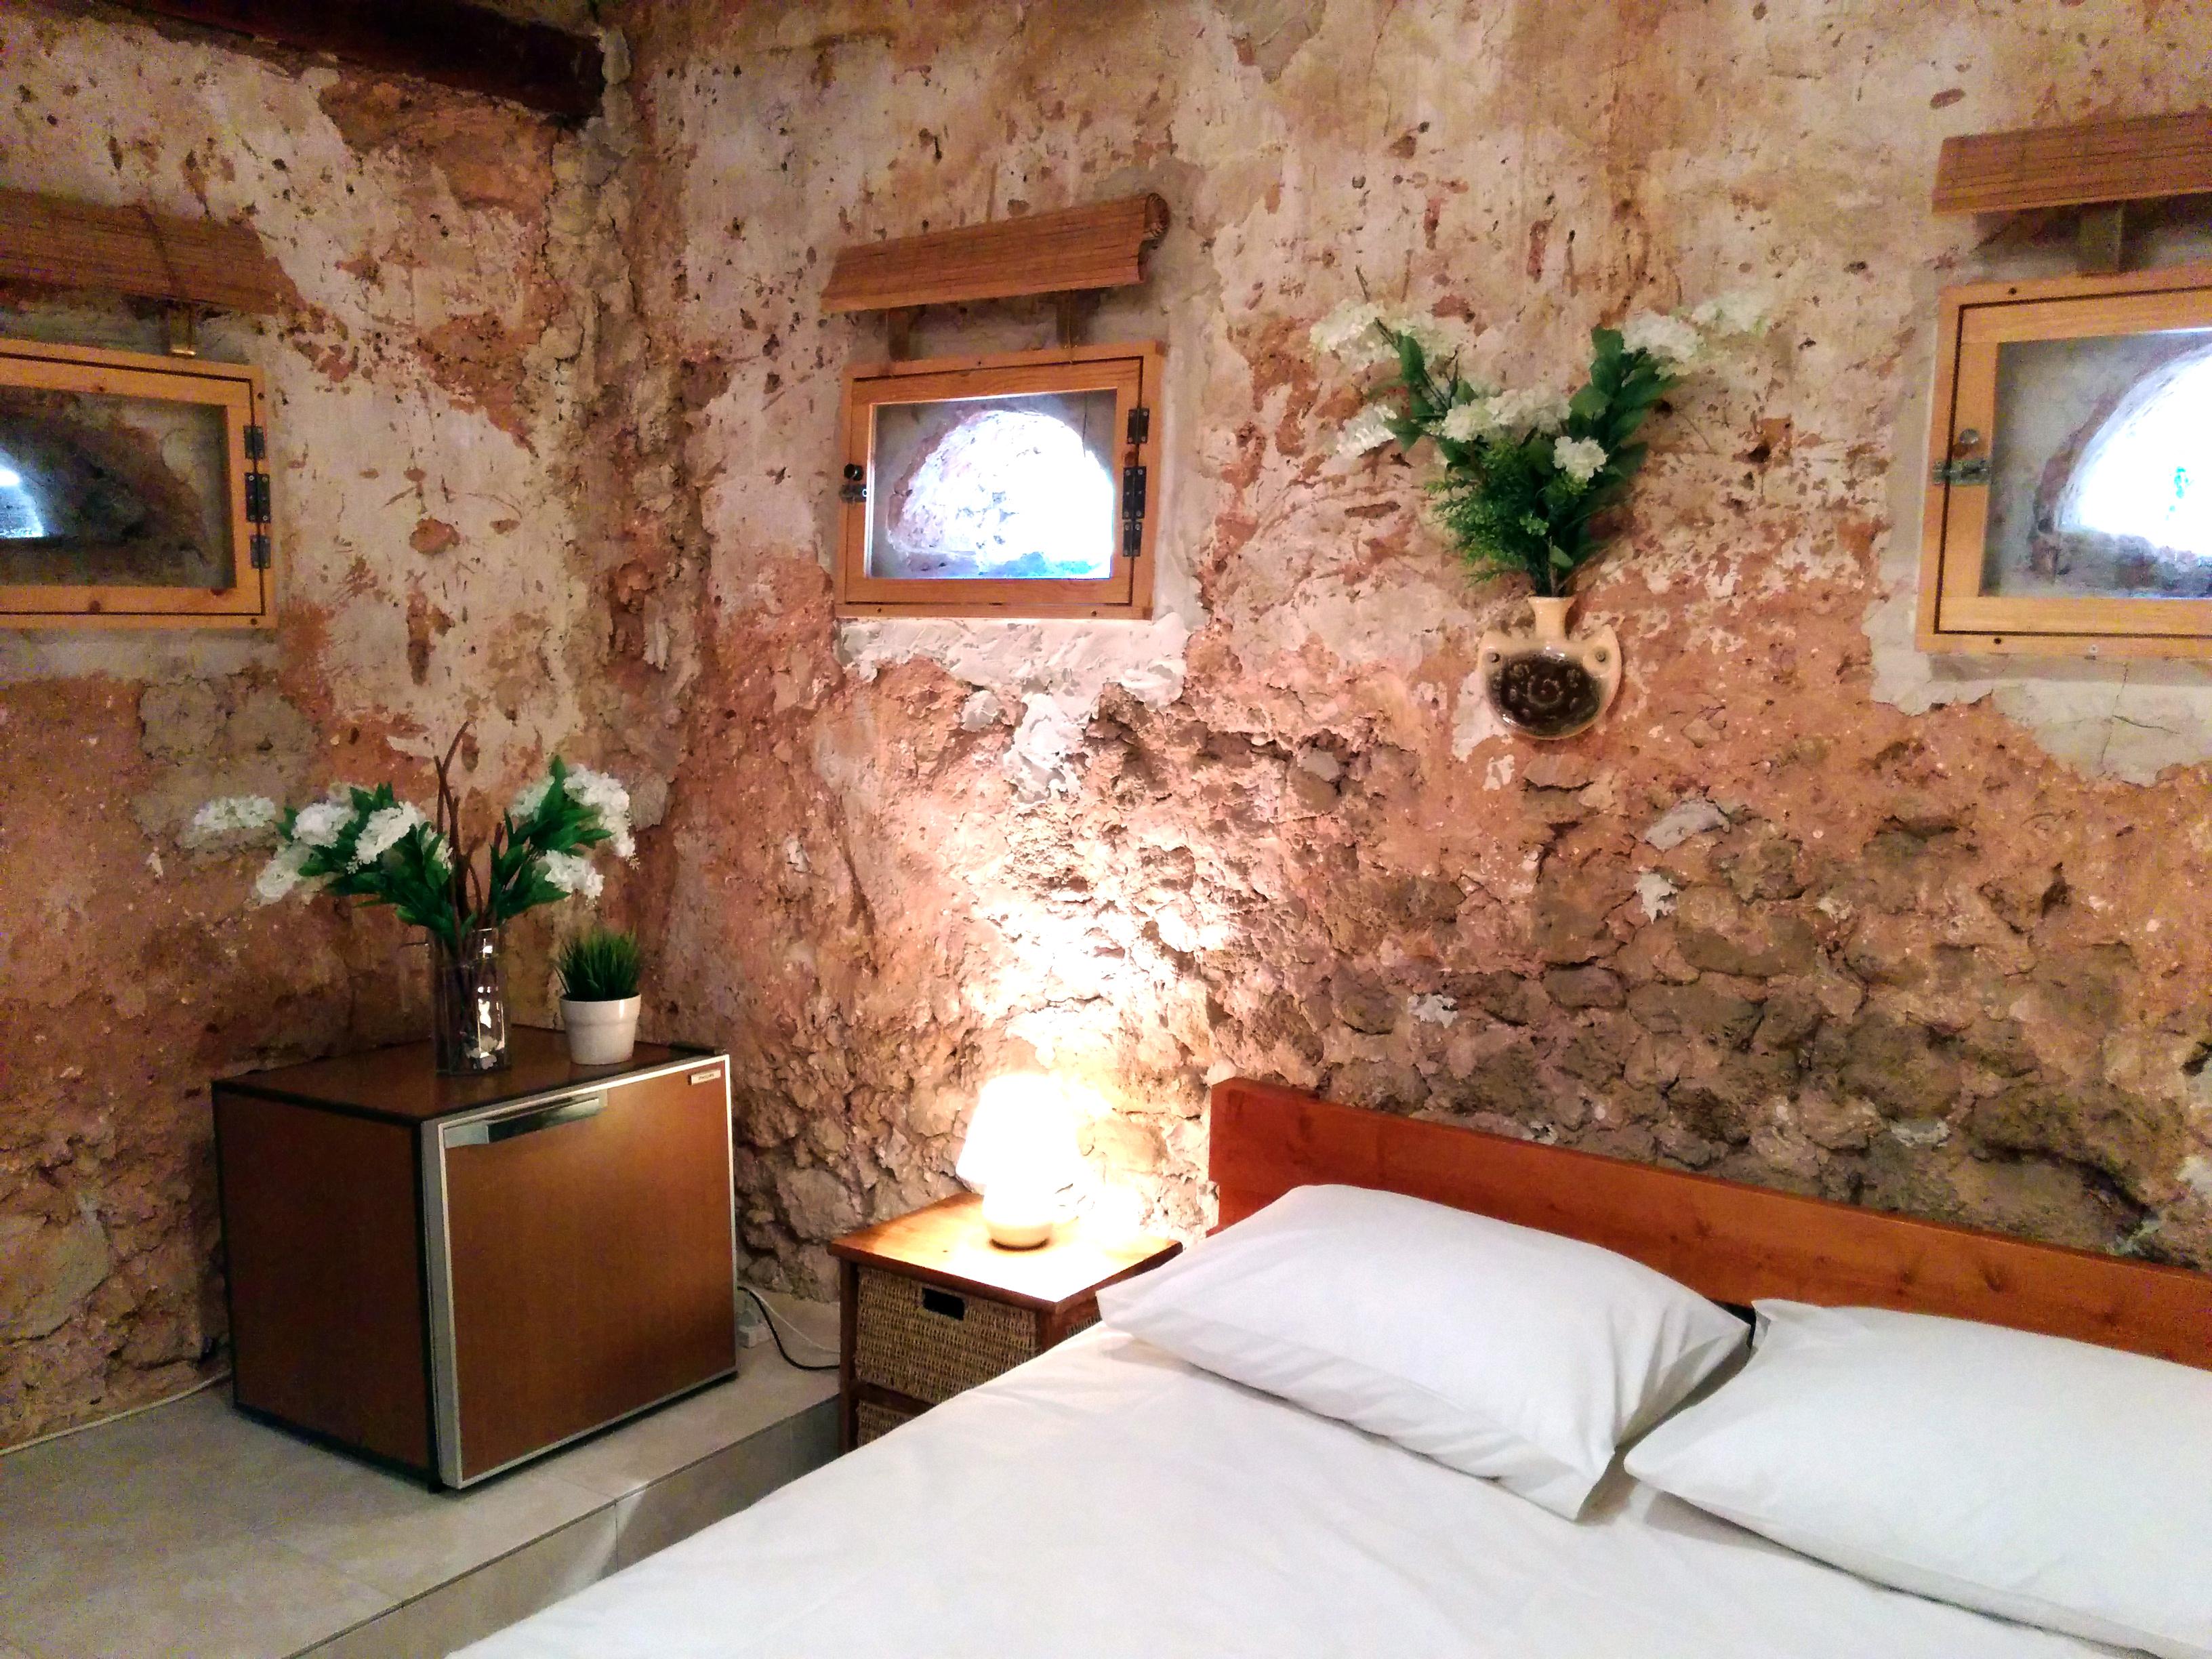 חדר מס' 7 - מלון בוטיק למזכרת